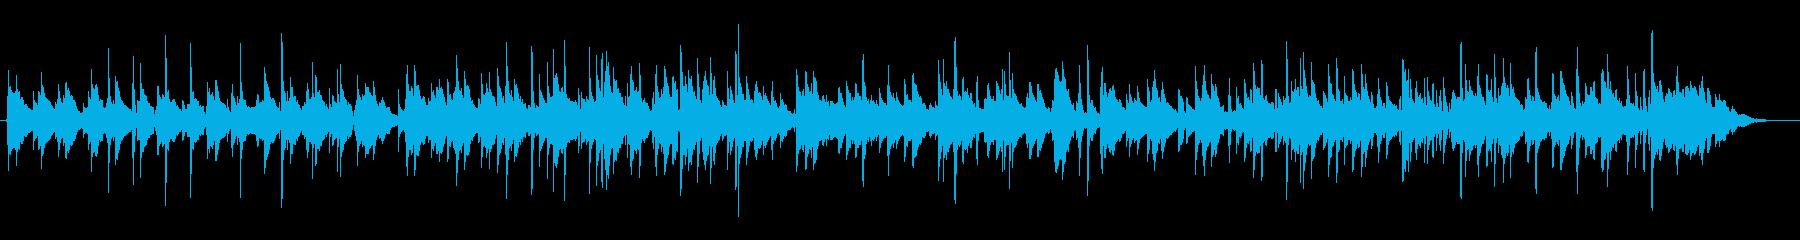 ゆったりしたアコギが奏でる癒し系楽曲の再生済みの波形